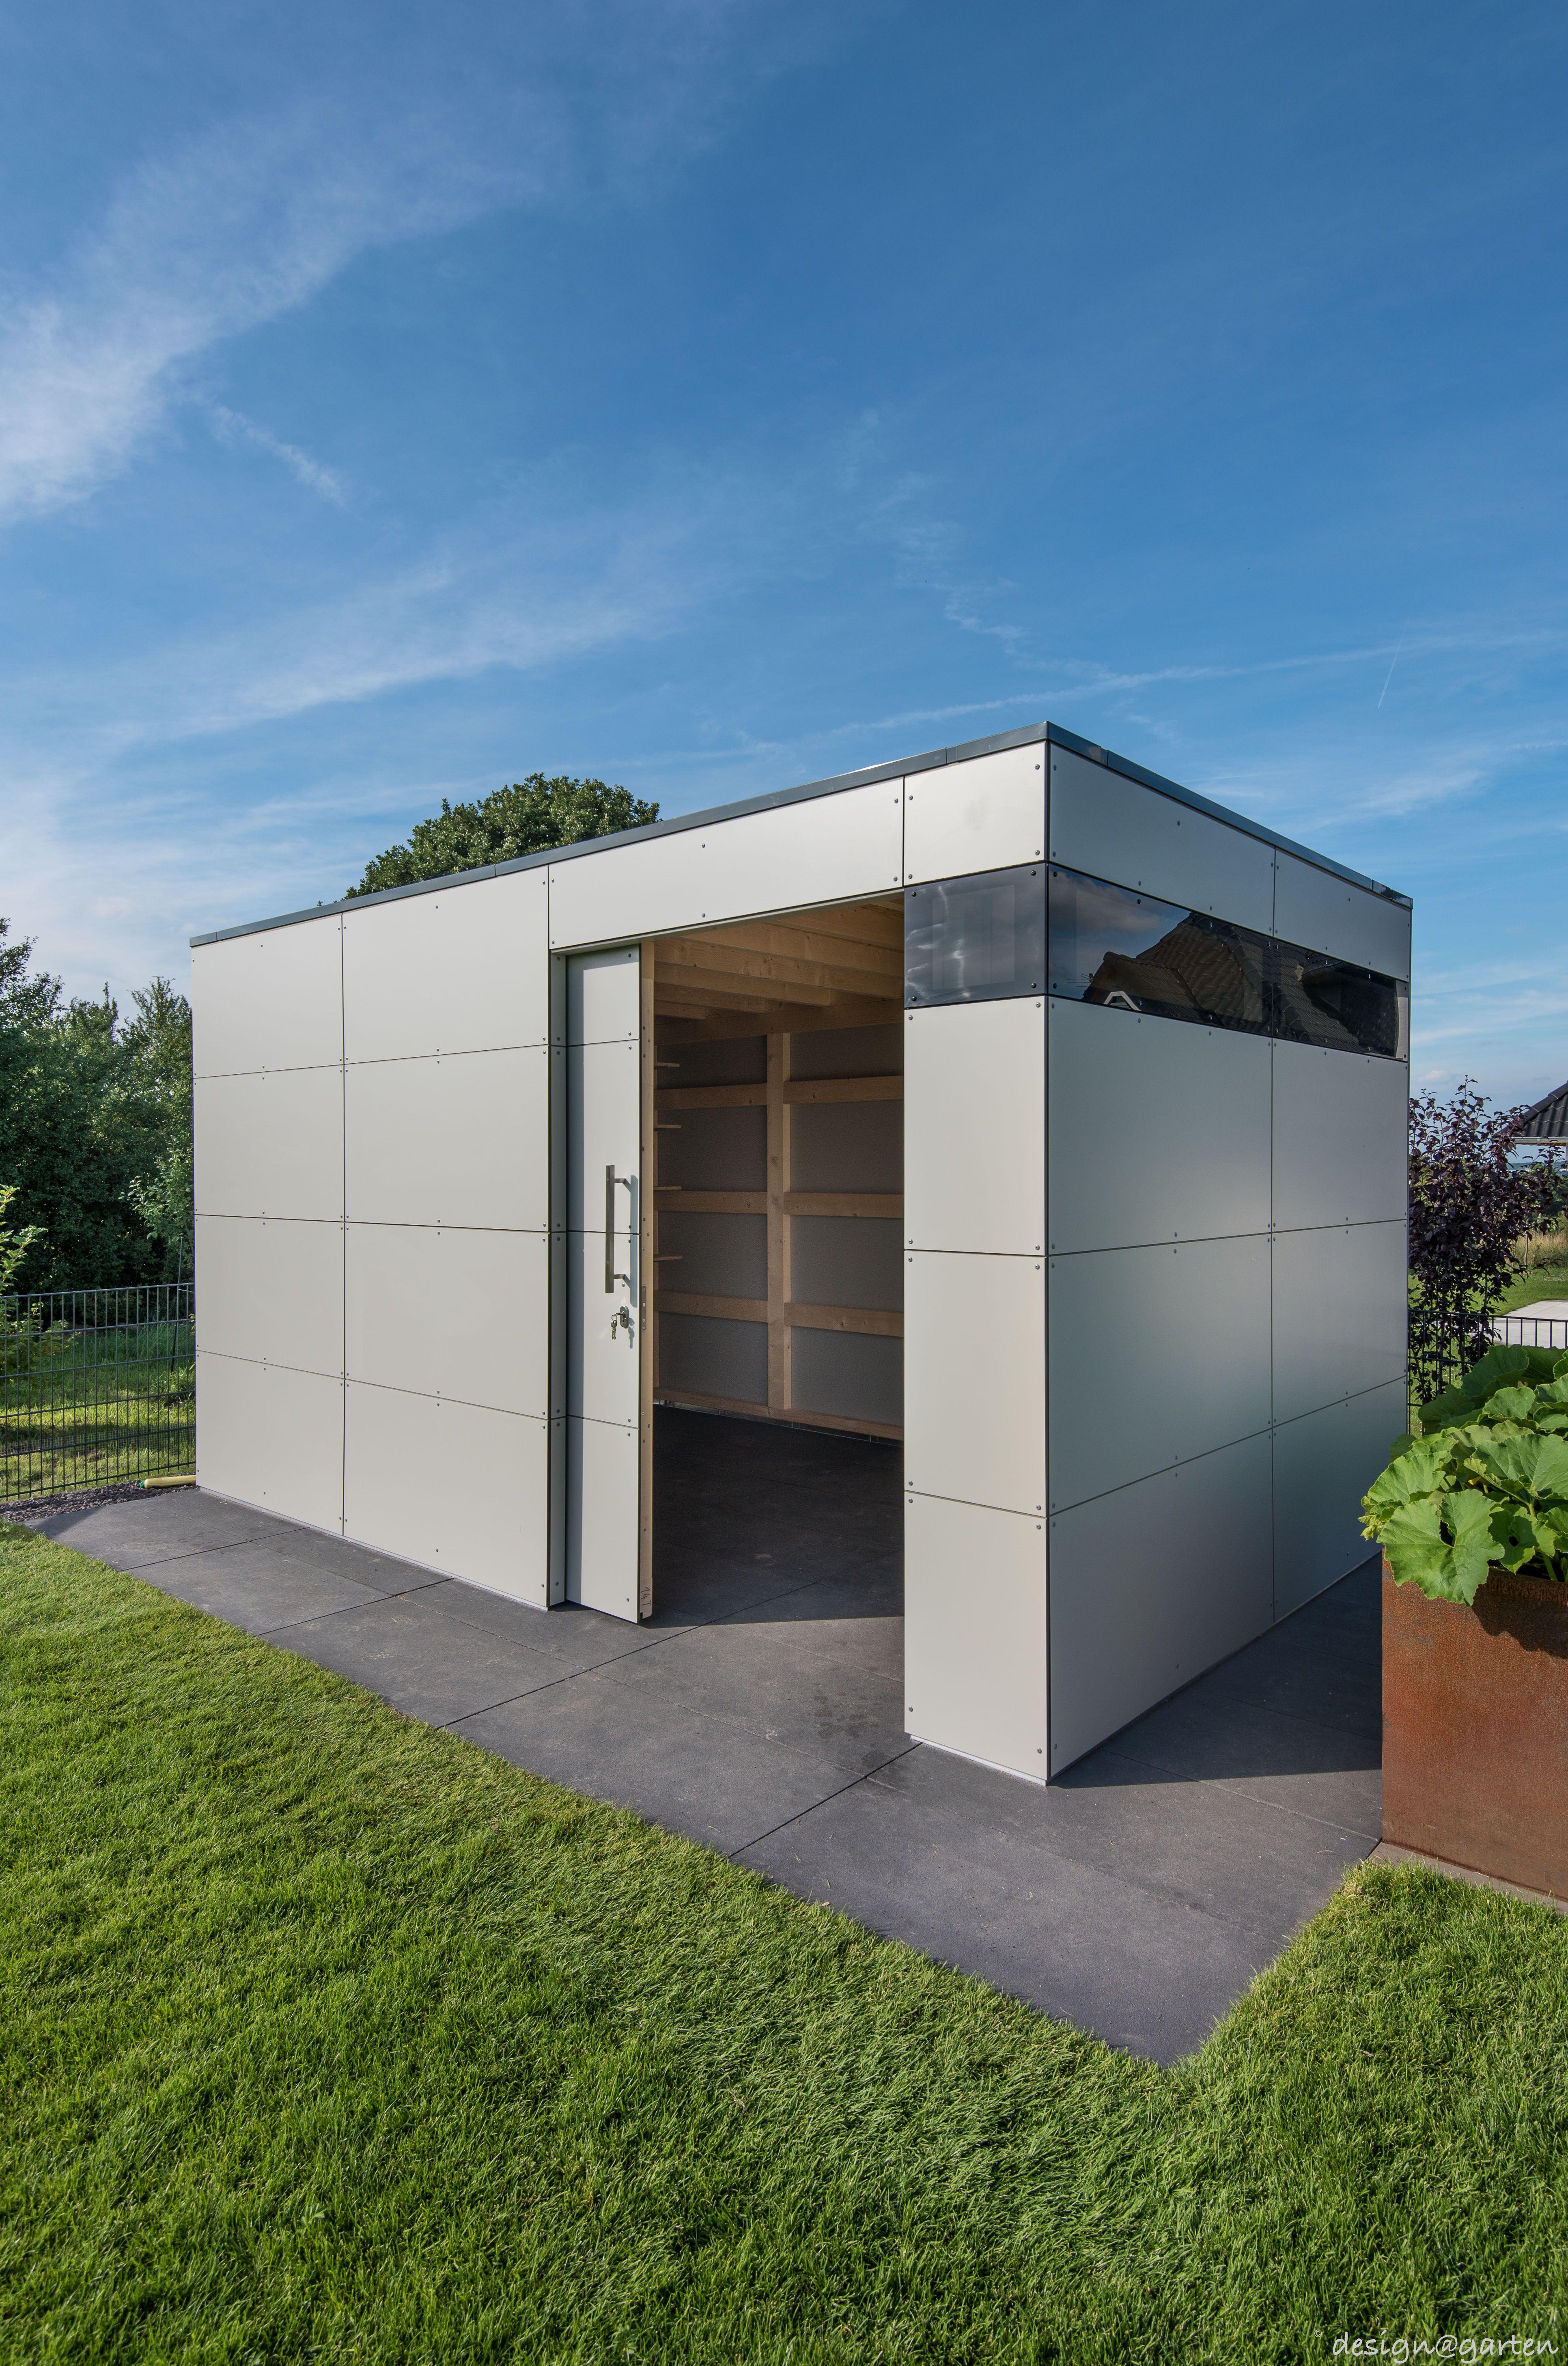 Gartenhaus Bonn design gartenhaus gart in bonn by design garten augsburg